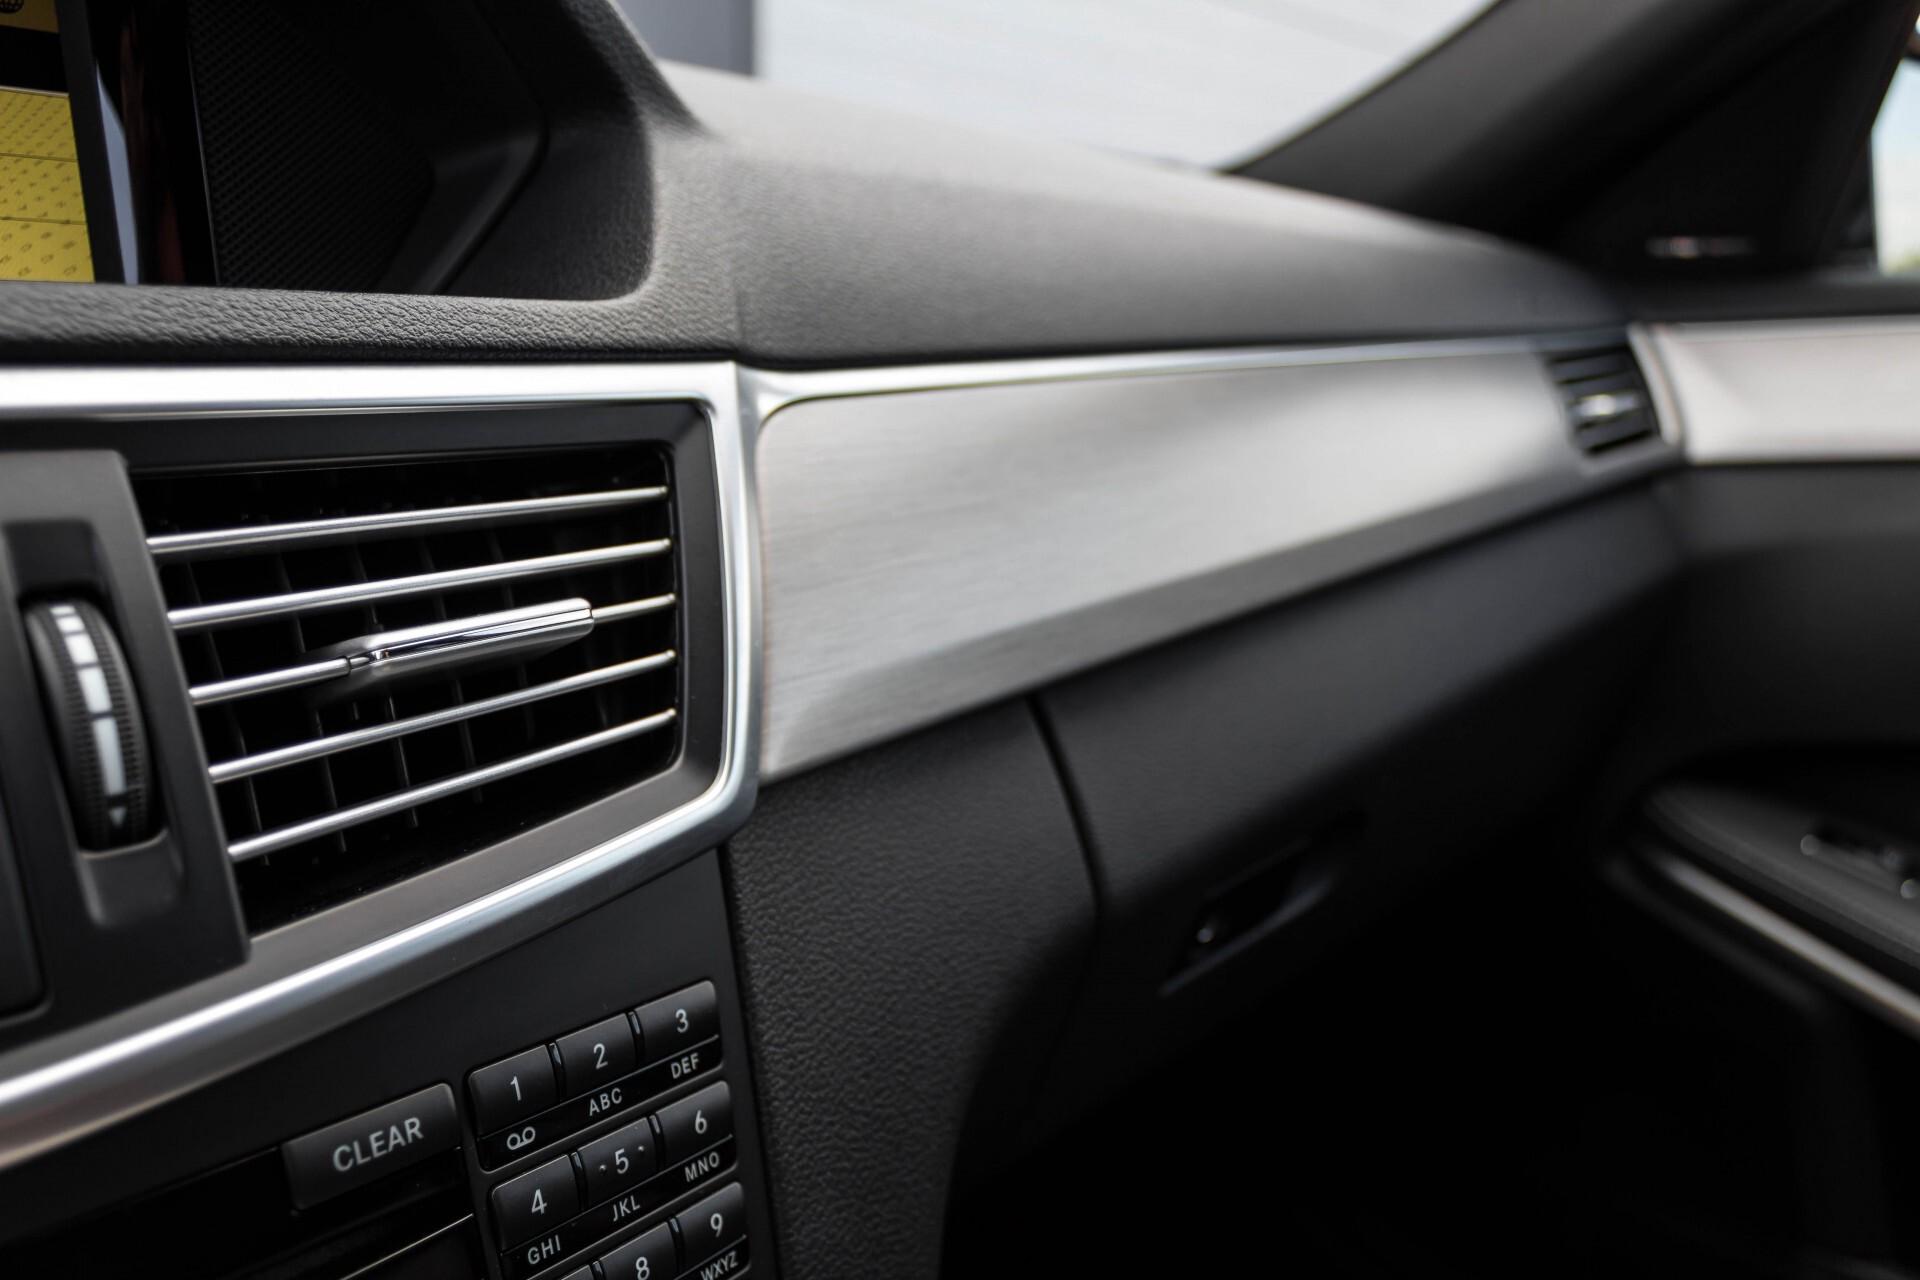 Mercedes-Benz E-Klasse Estate 350 Cdi AMG Luchtvering/Schuifdak/Comand/Harman Kardon/ILS Aut7 Foto 33